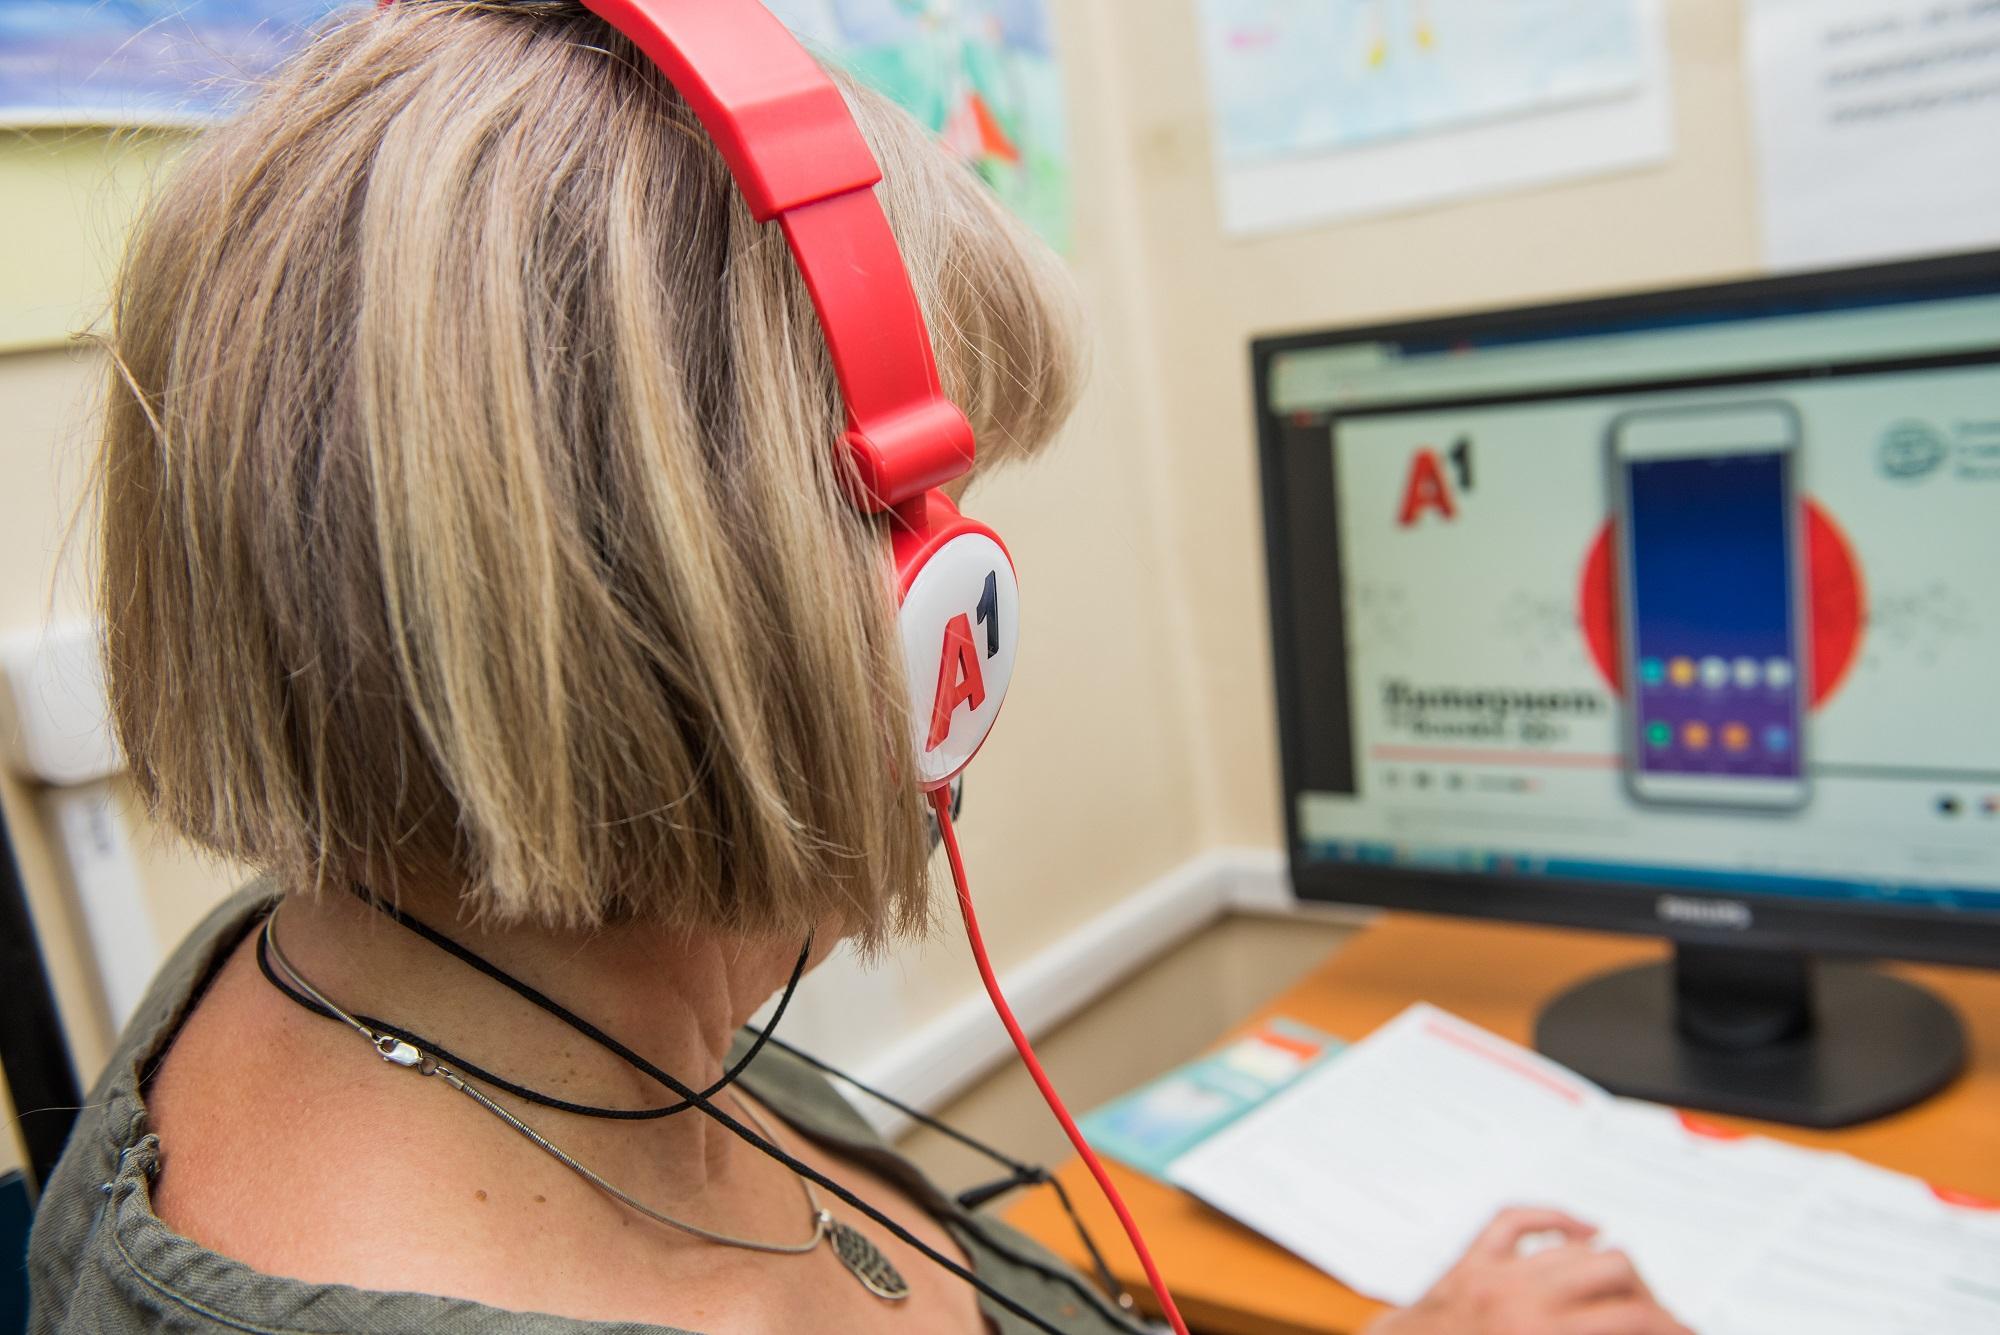 А1 стартира курсове по дигитална грамотност